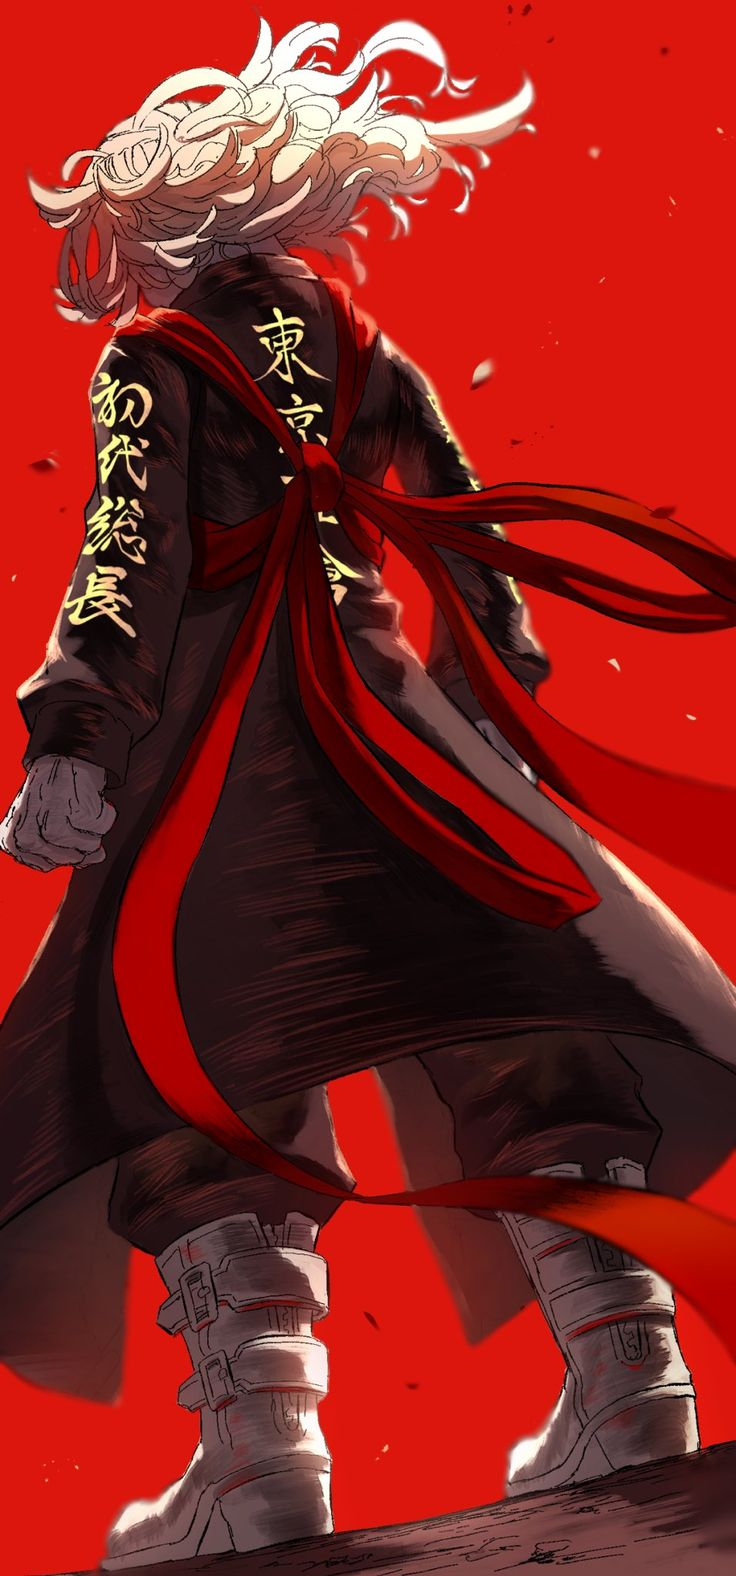 on anime akatsuki anime character design